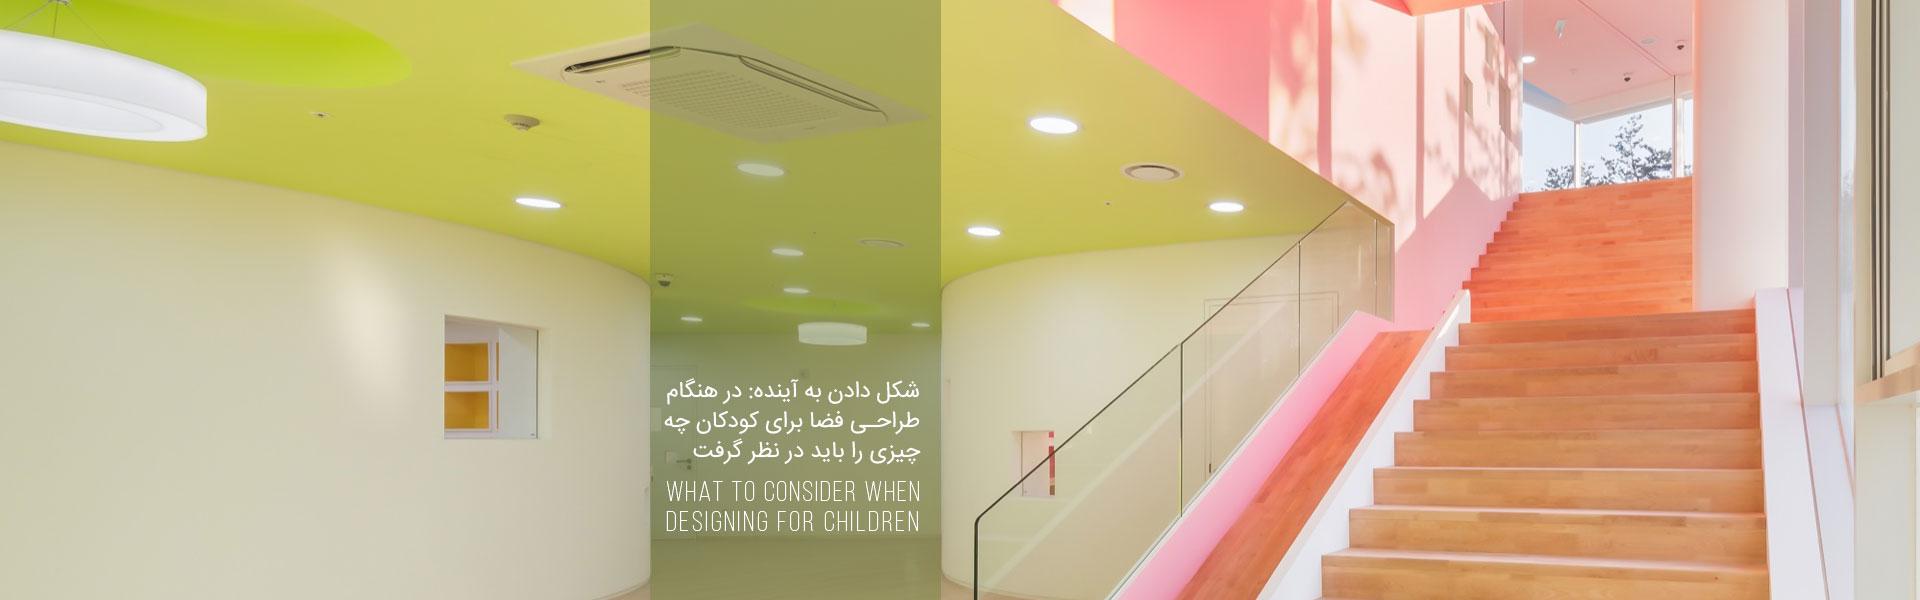 decorasion children1 - شکل دادن به آینده: در هنگام طراحی فضا برای کودکان چه چیزی را باید در نظر گرفت